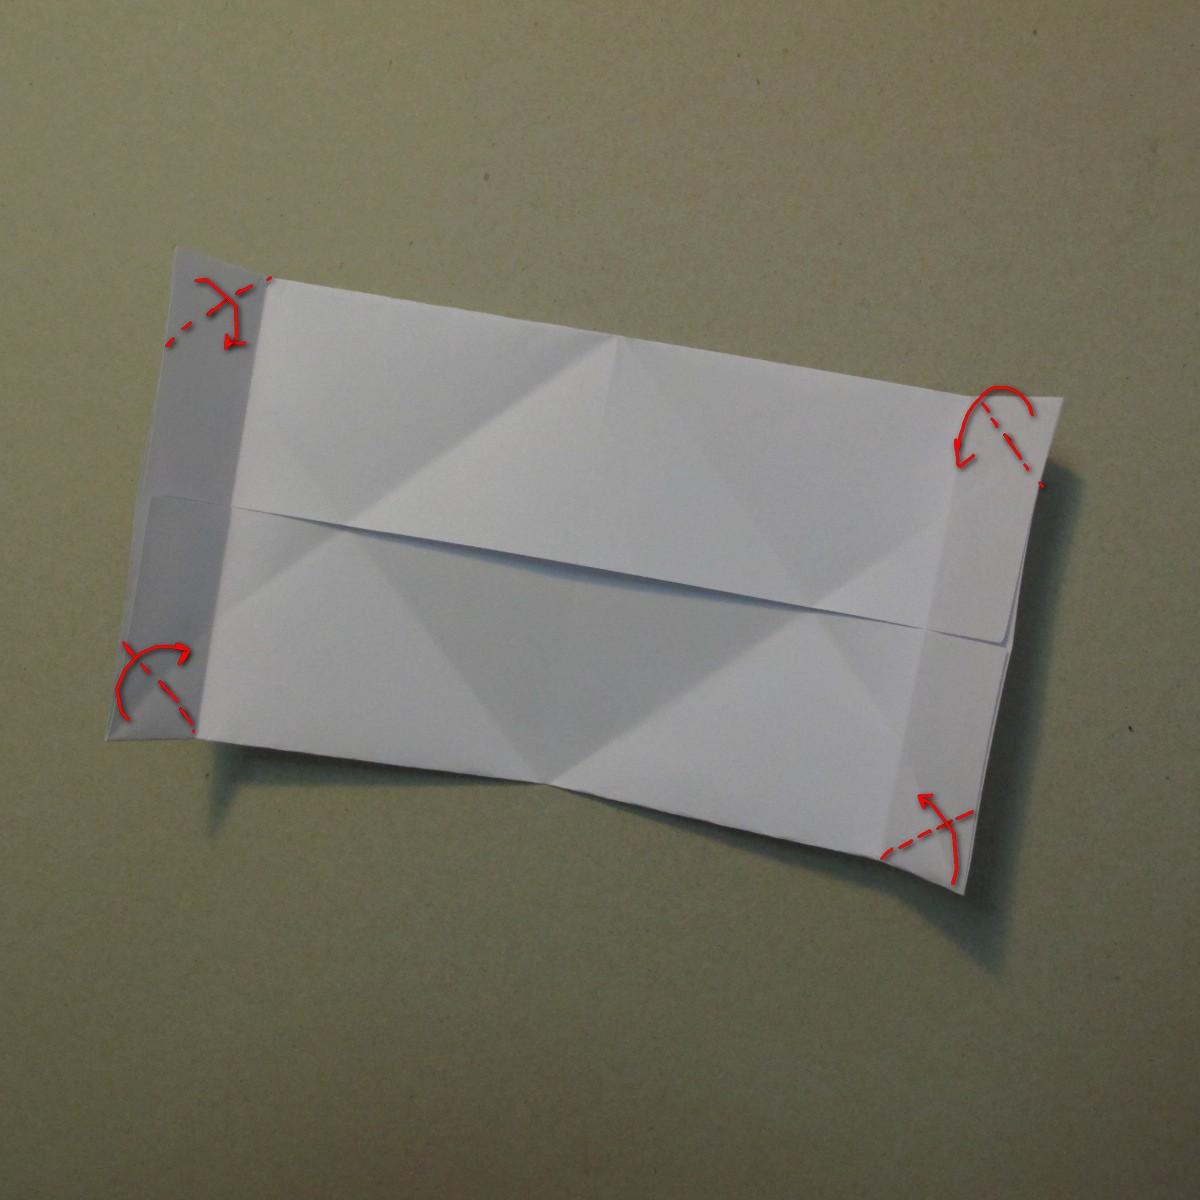 วิธีการพับกระดาษเป็นรูปหัวใจ 008